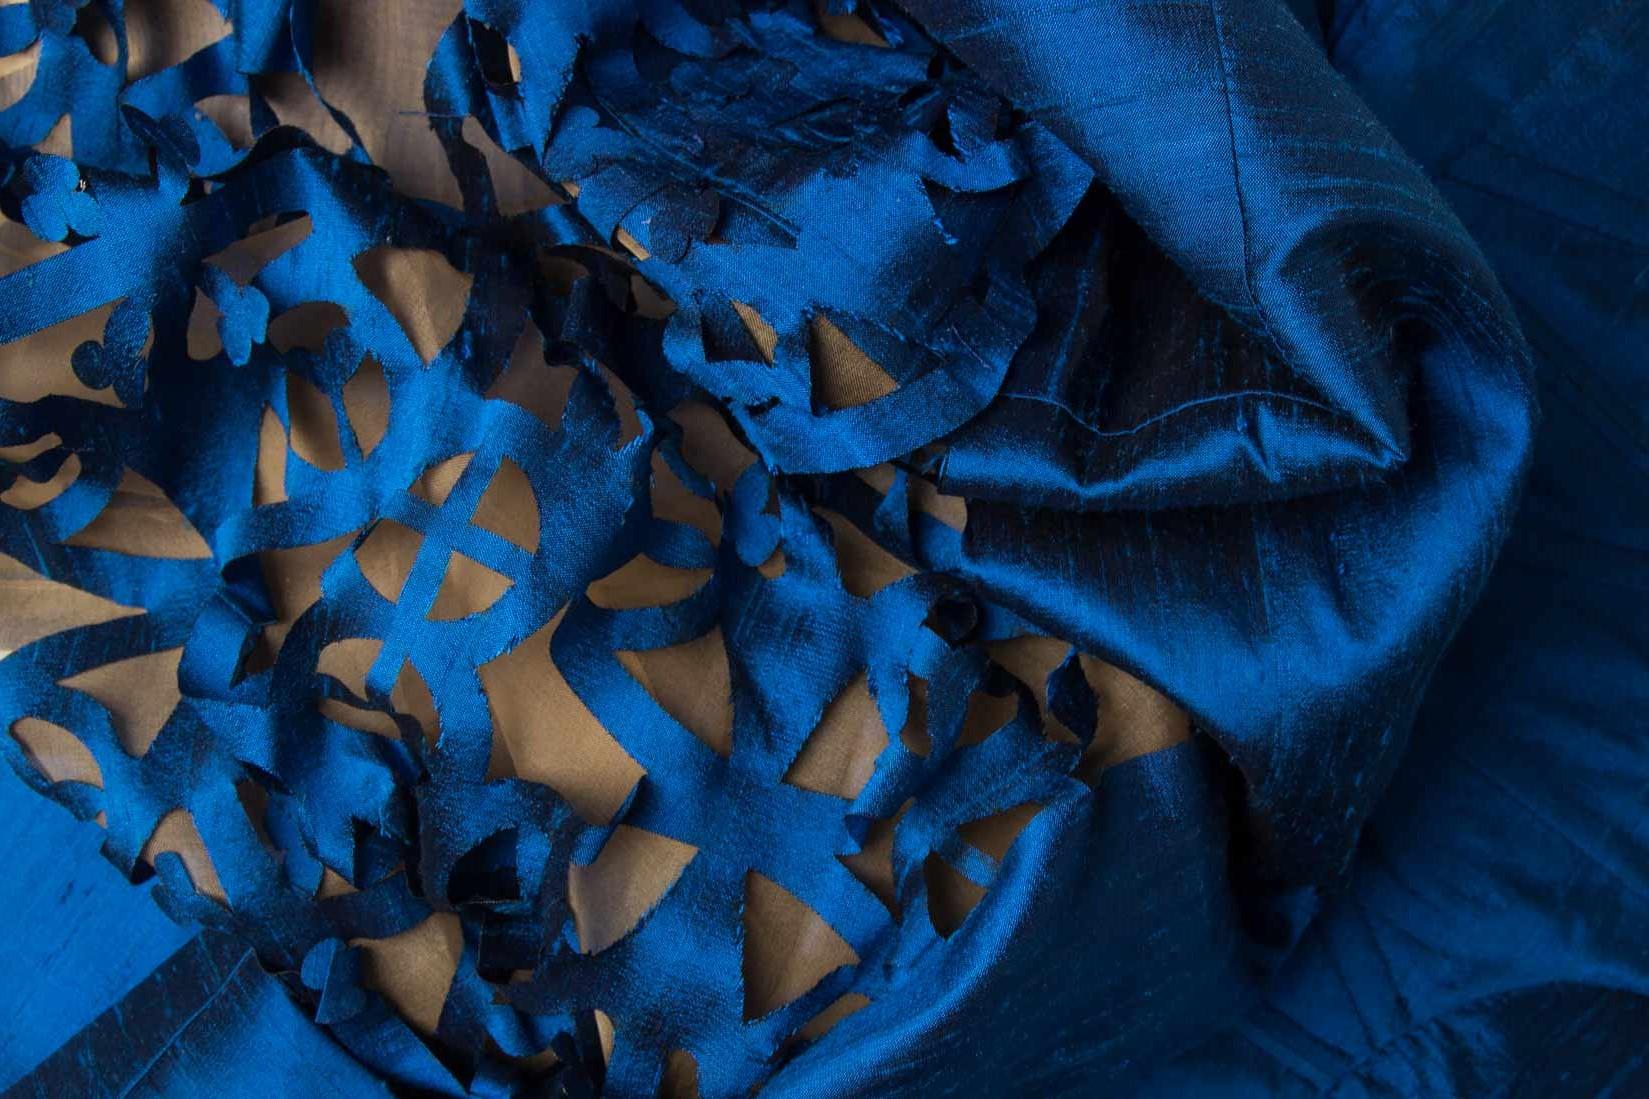 tăietură laser pe material textil